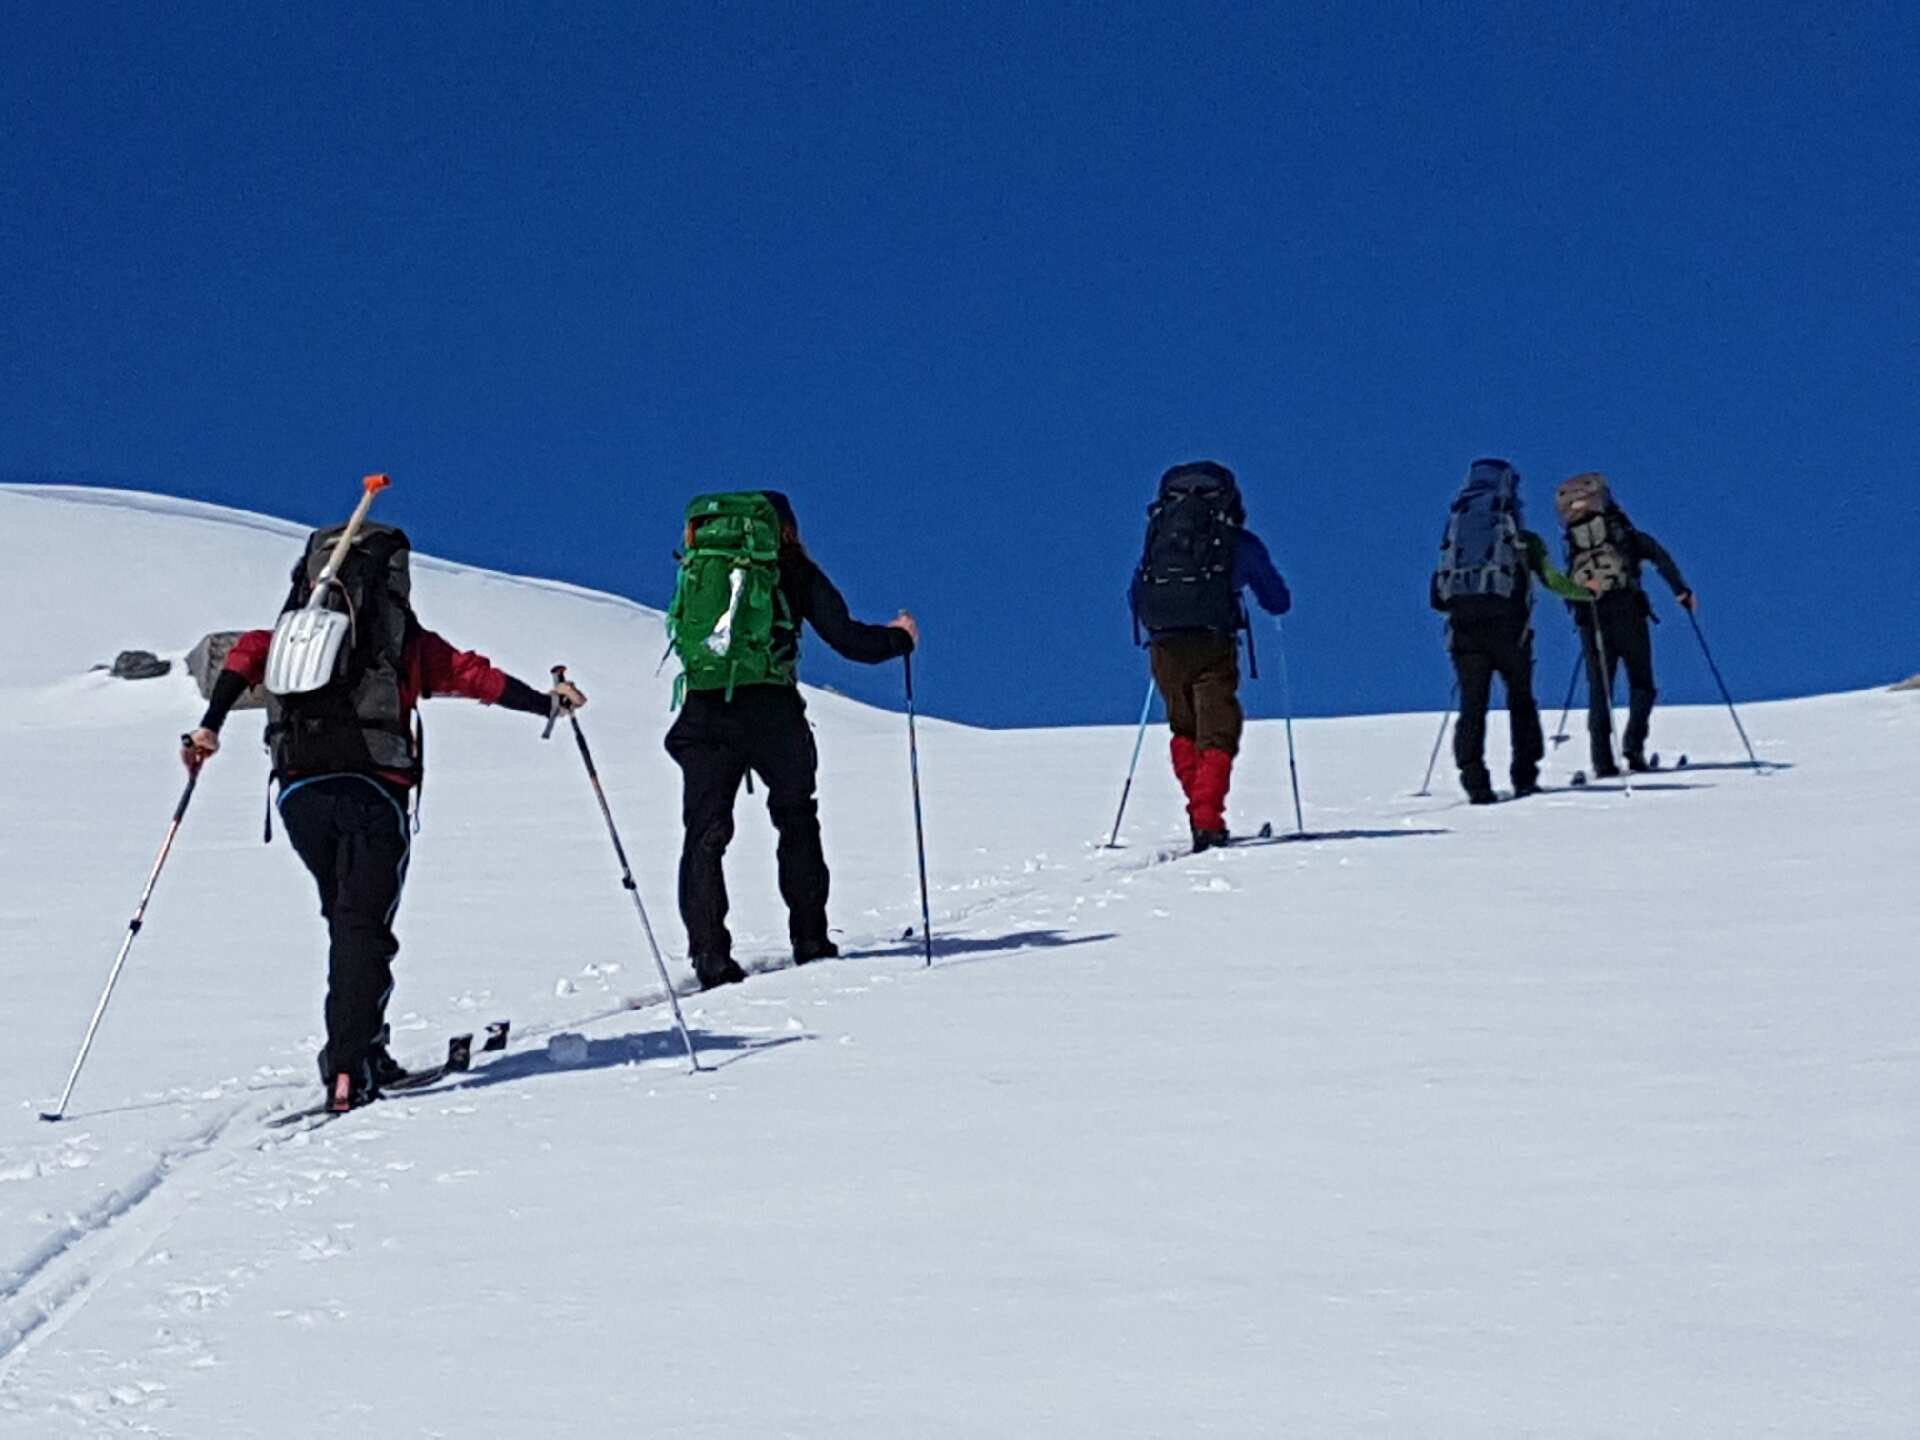 ut.no, utno, dnt, turistforeningen, fonnabu, kvinnherad, folgefonna, utpåtur, ulvang, haglofs, glacier, norwegian glacier, isbree, norsk isbree, winterwonderland, visitnorway, visit sunnhordaland, hike rosendal, hike norway, mountian hike, rosendal, rosendal norway, topptur, rosendal skifestival, folgefonna, signe schineller, mestring, skitur,